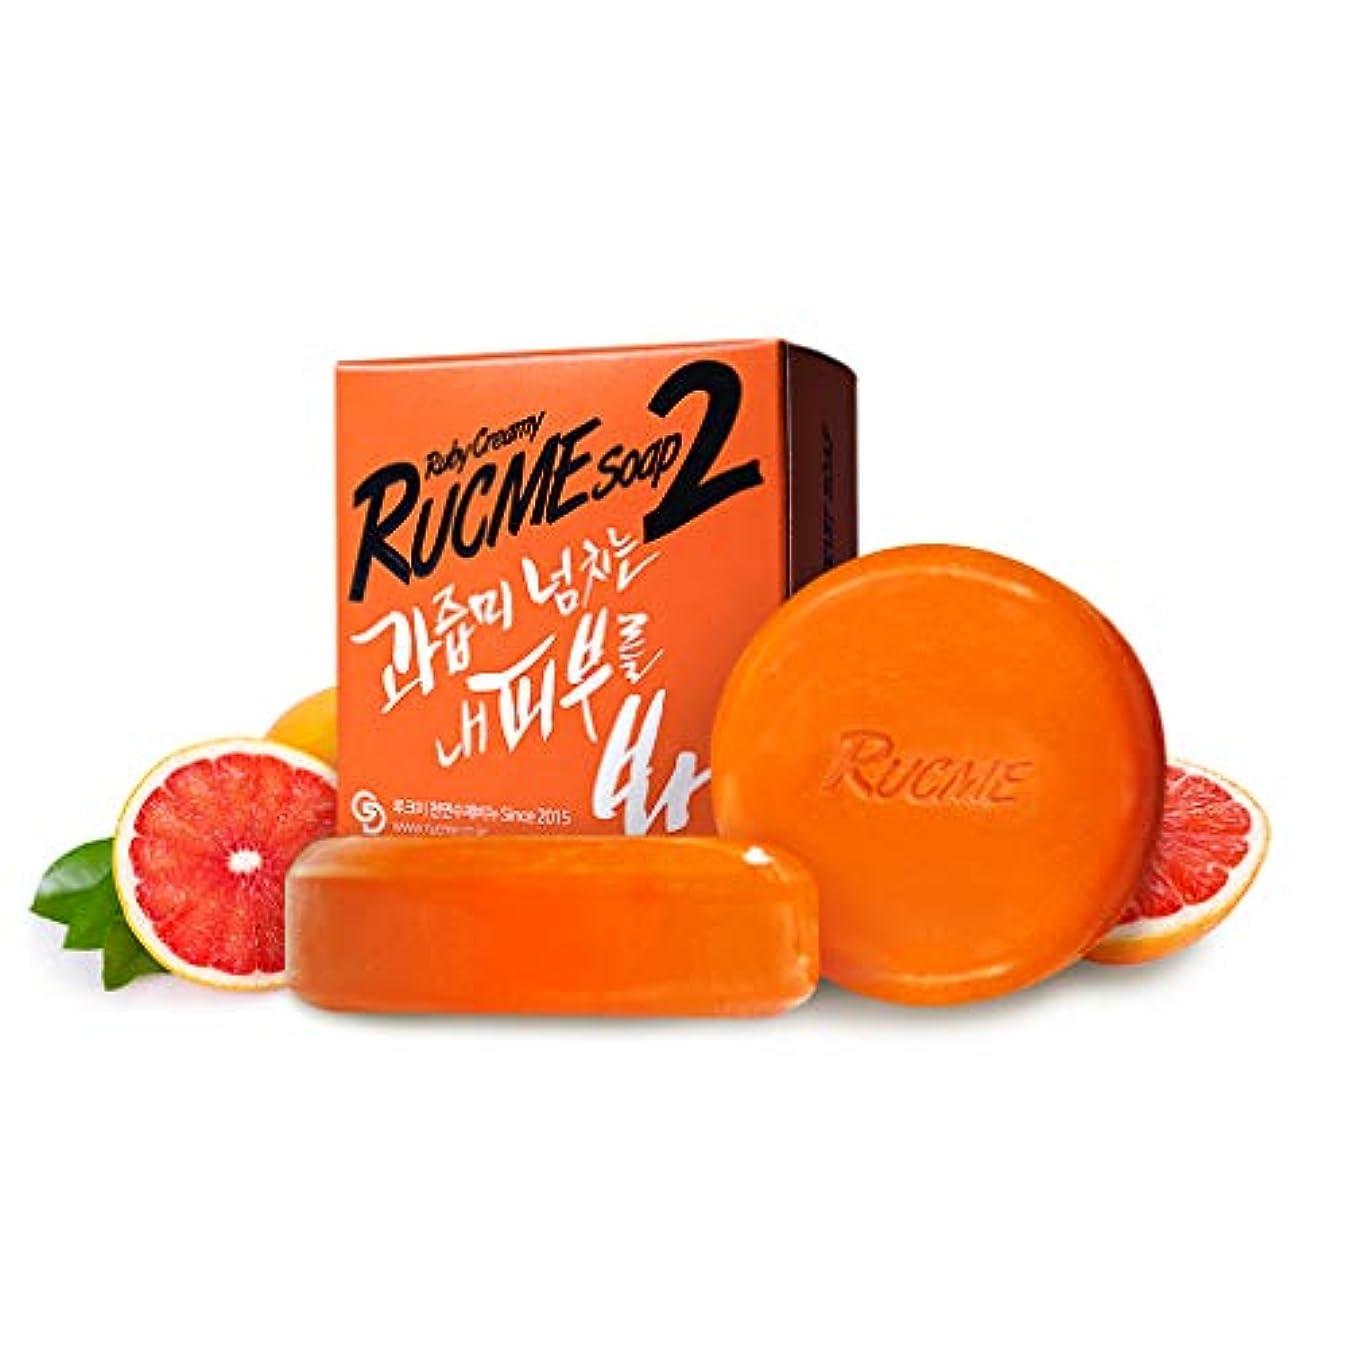 愛するビームかもめ[RUCME] グレープフルーツ&パプリカ 洗顔石鹸/ルビークリーミーソープ 2